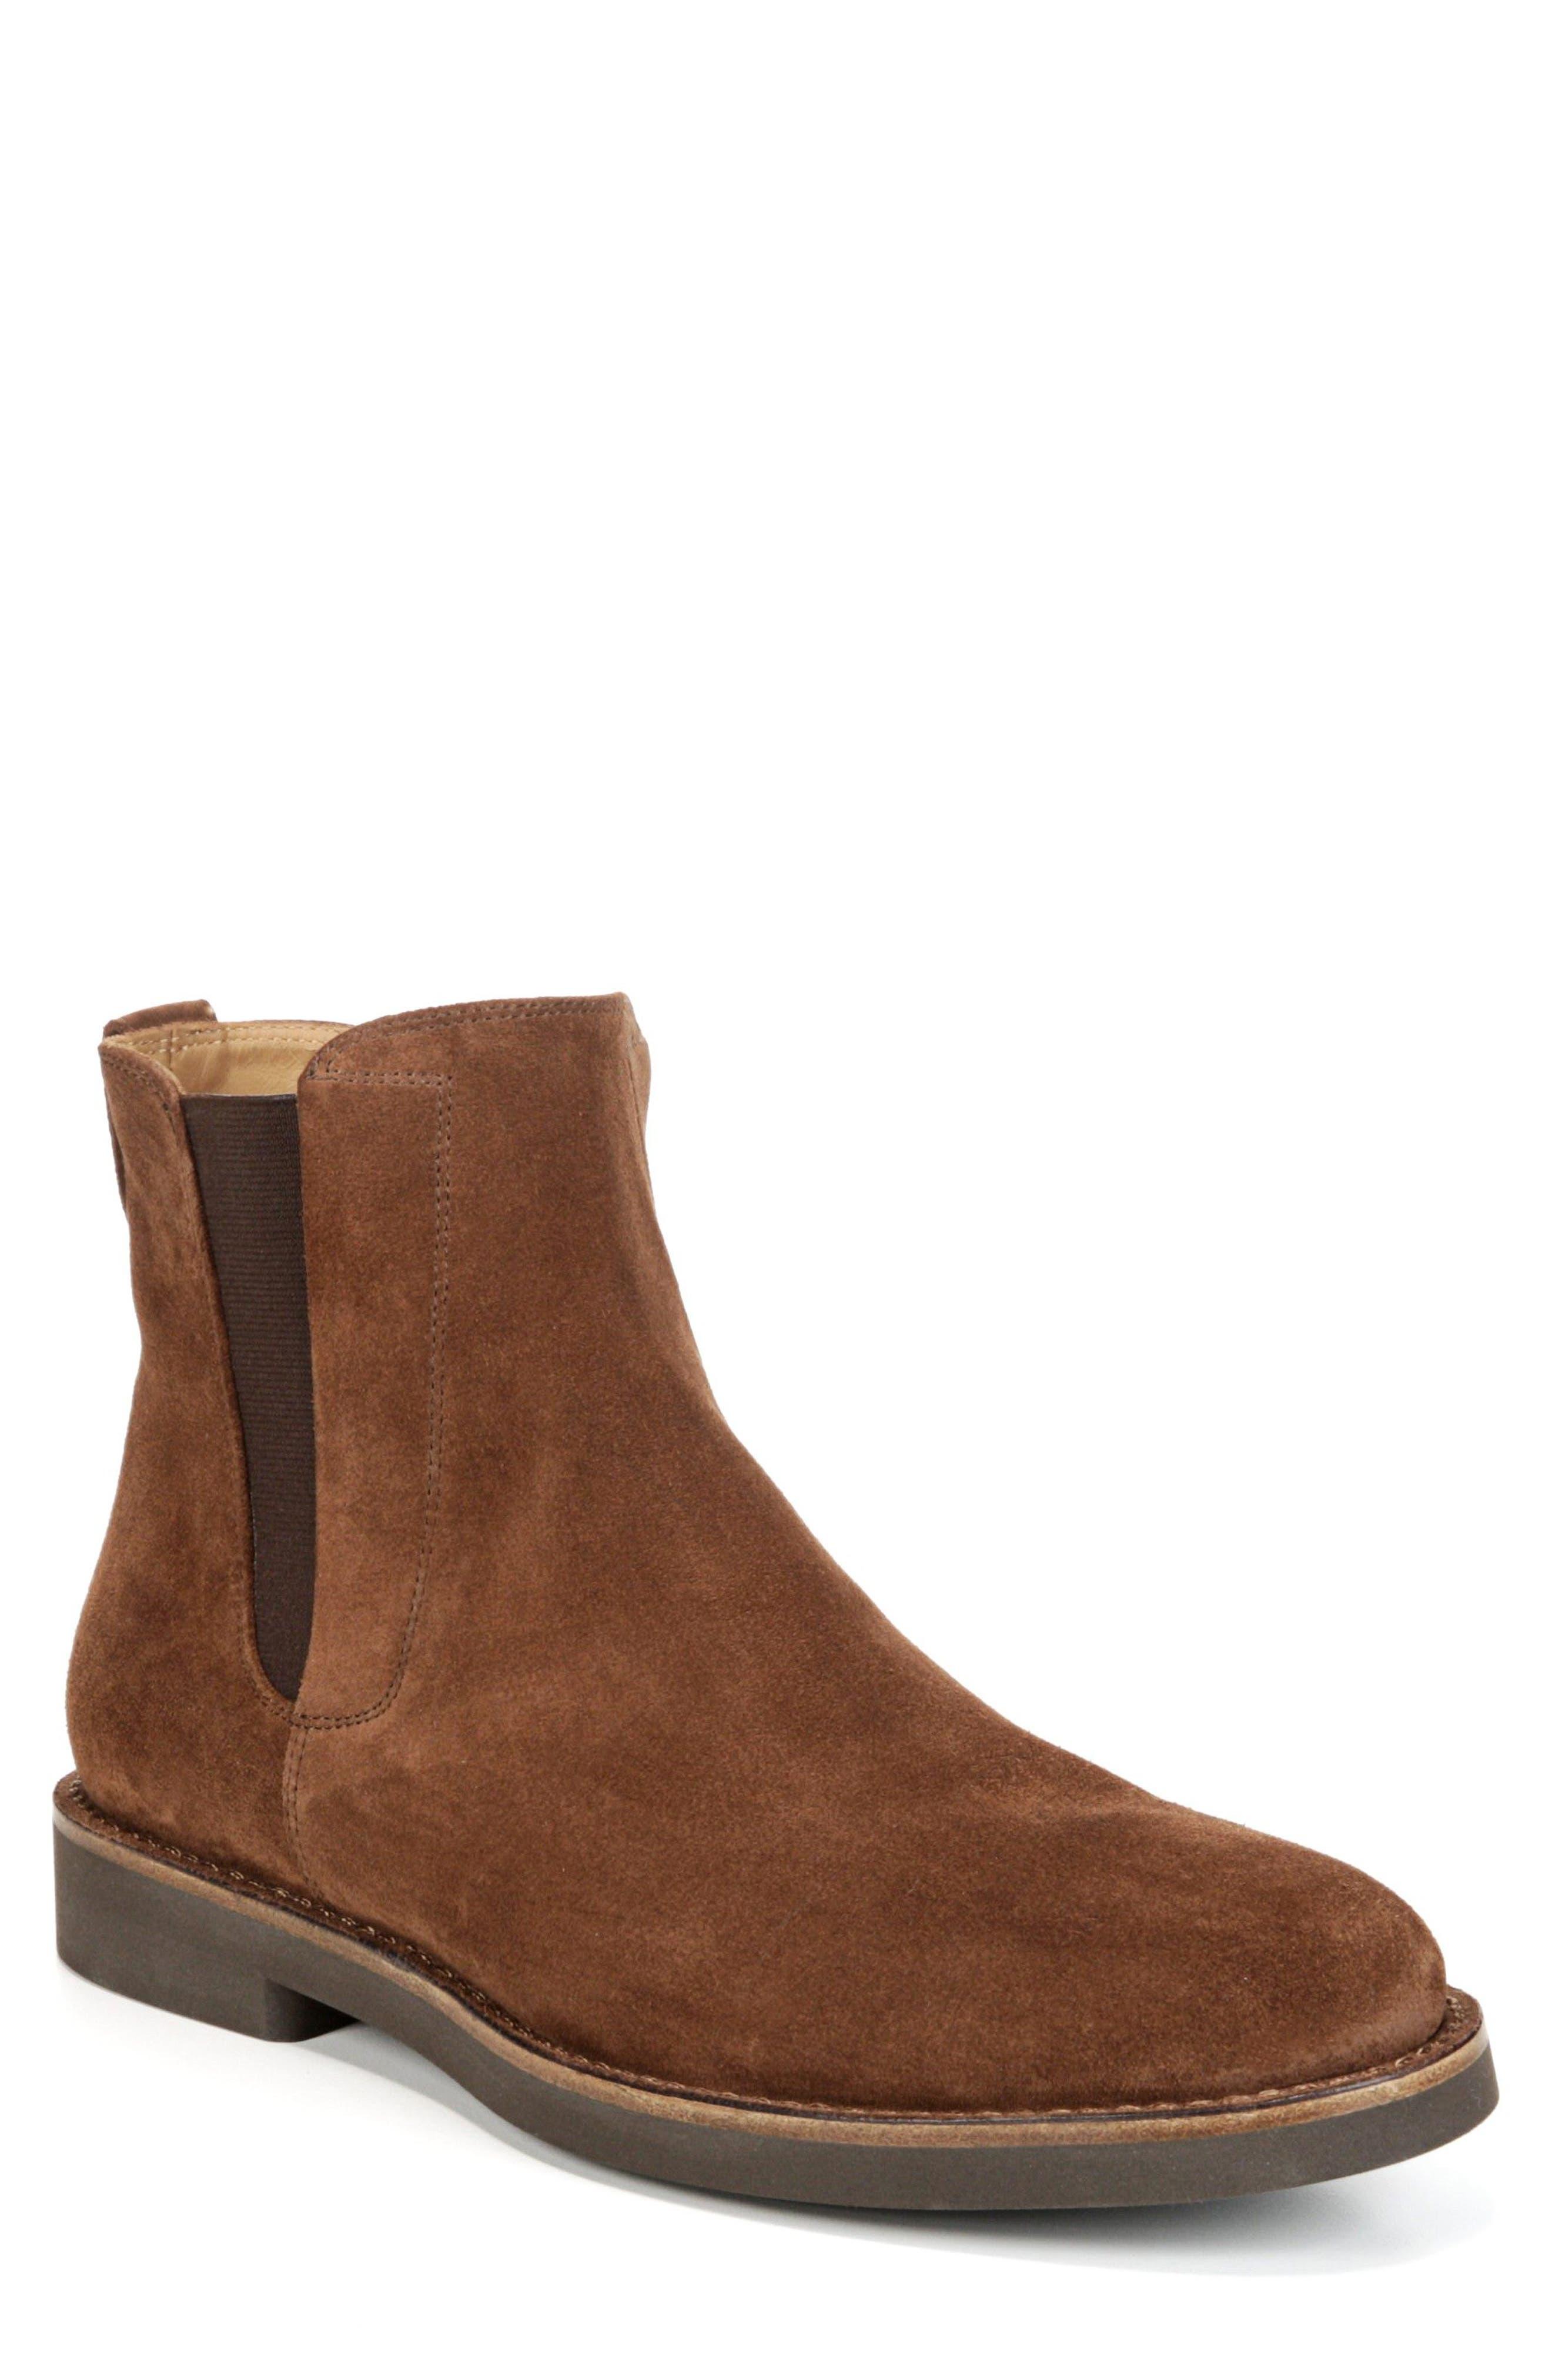 Felix Chelsea Boot,                         Main,                         color, Bark